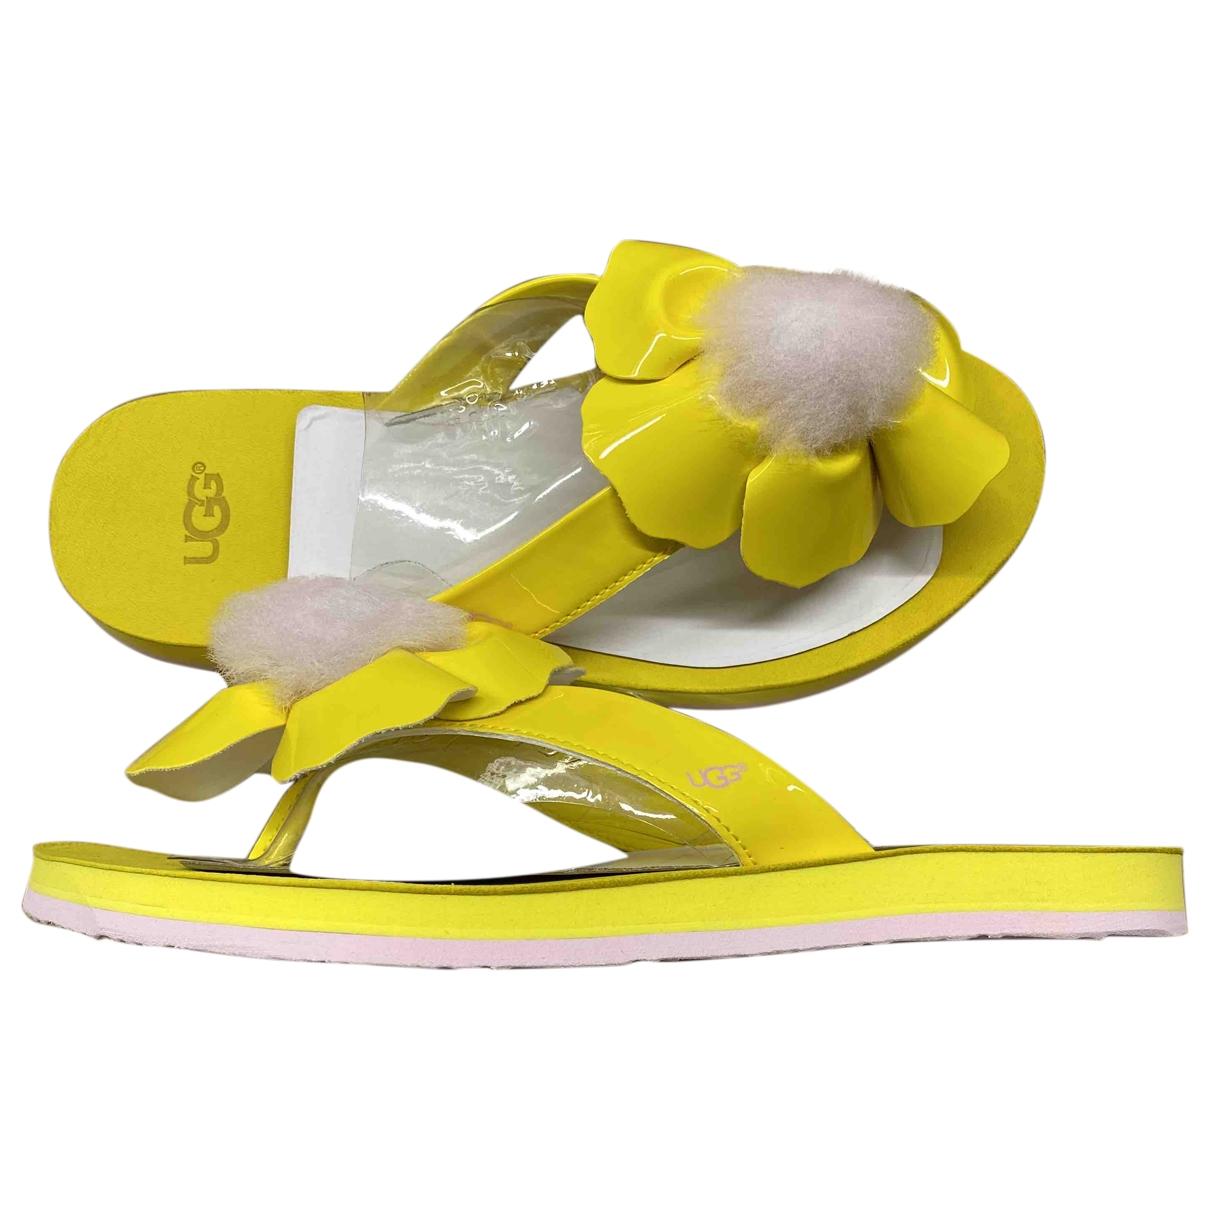 Ugg - Sandales   pour femme en caoutchouc - jaune